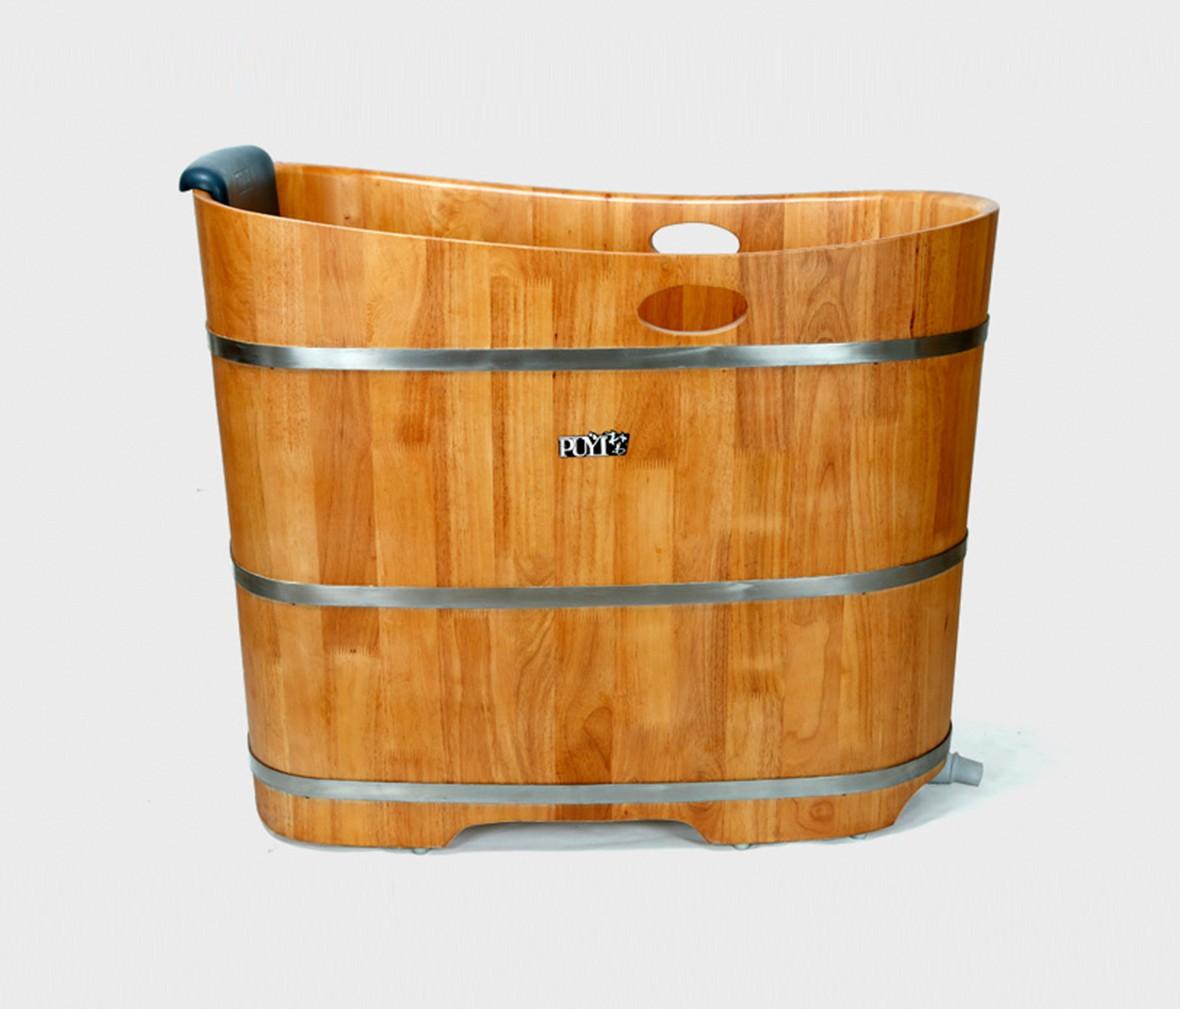 朴易 PYX-960型号朴易沐桶 橡木材质中式风格沐浴桶 图片、价格、品牌、评测样样齐全!【蓝景商城正品行货,蓝景丽家大钟寺家居广场提货,北京地区配送,领券更优惠,线上线下同品同价,立即购买享受更多优惠哦!】